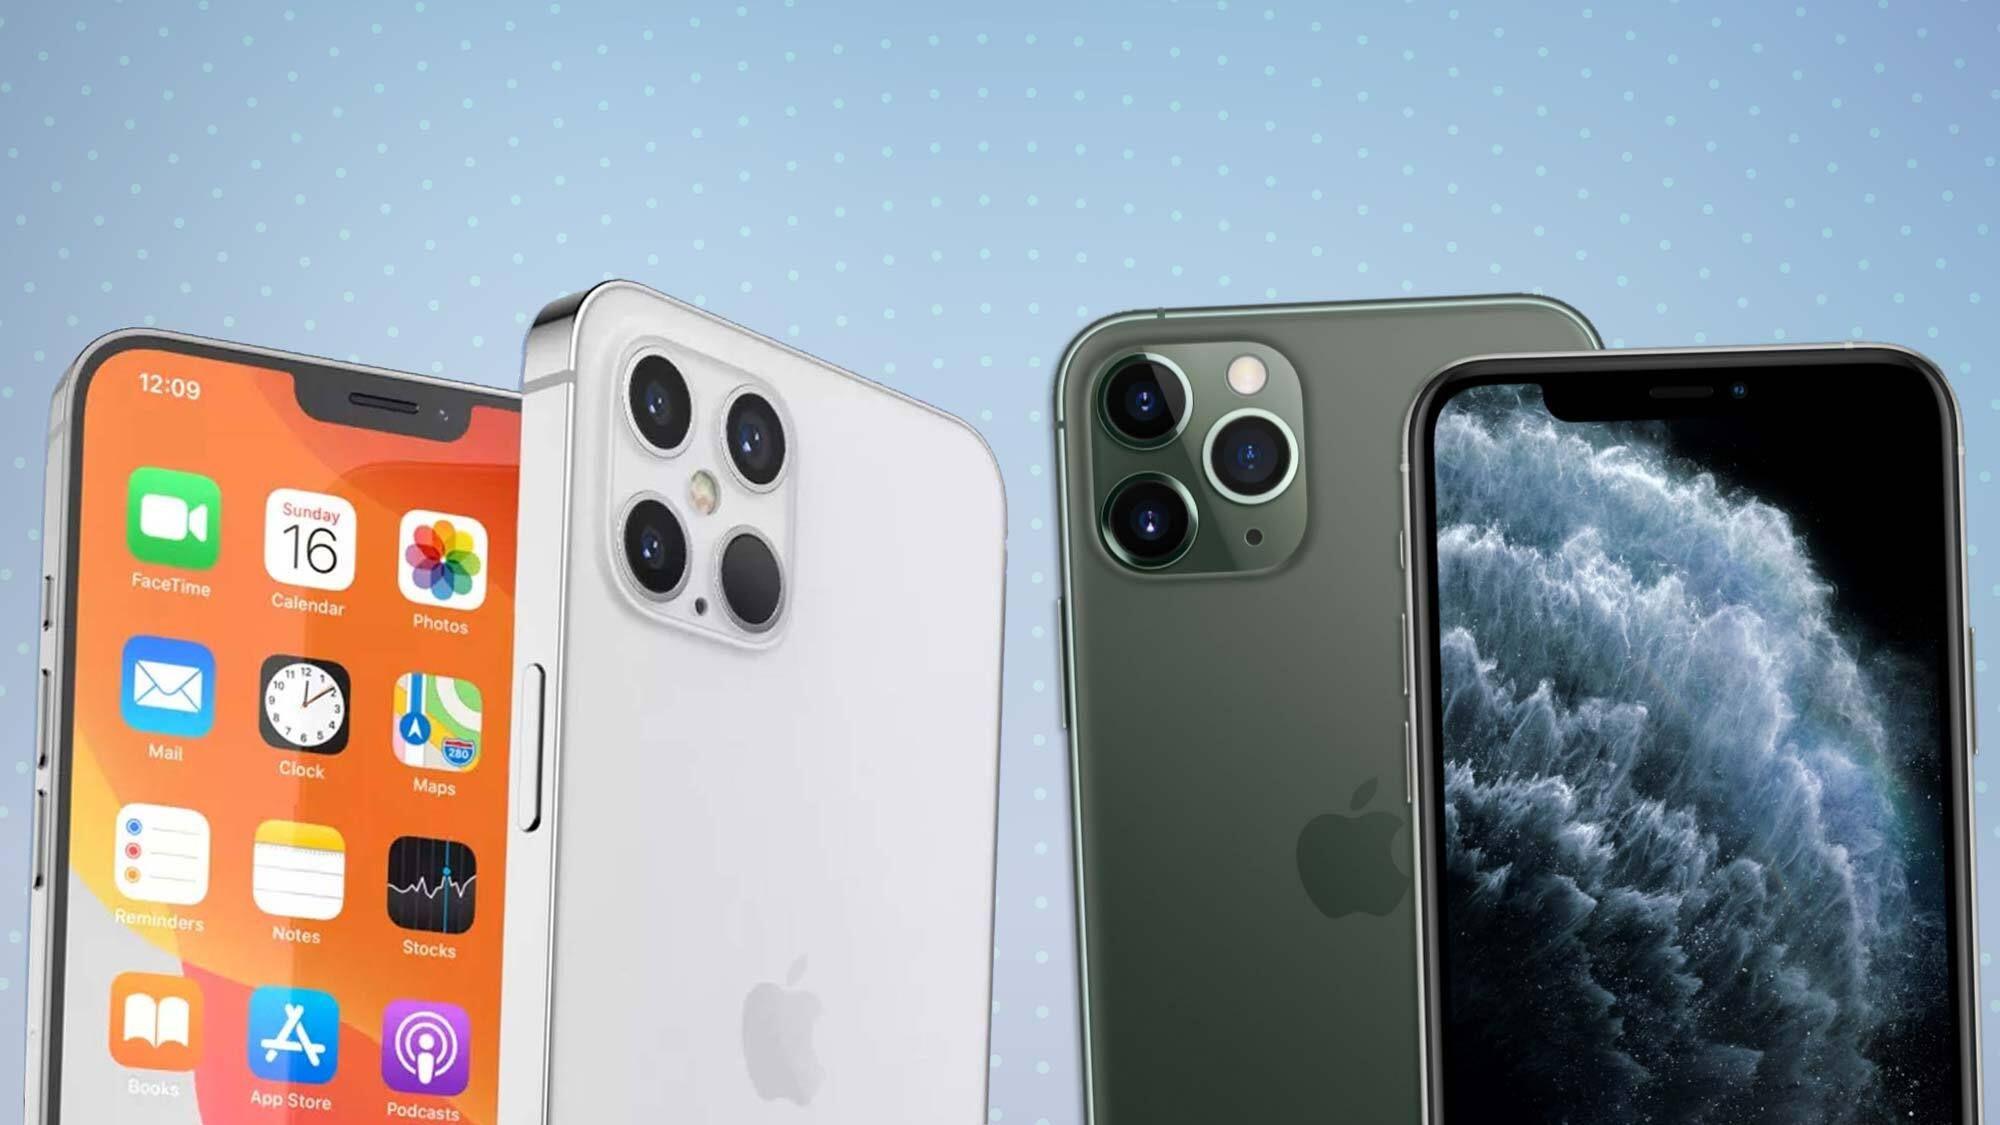 POCO F3 vs iPhone 11 Pro ,POCO F3 Camera iPhone 11 Pro,POCO F3 Camera Vs iPhone 11 Pro Camera,POCO F3 Vs iPhone 11 Pro Speed,POCO F3 Camera, iPhone 11 Pro Cama